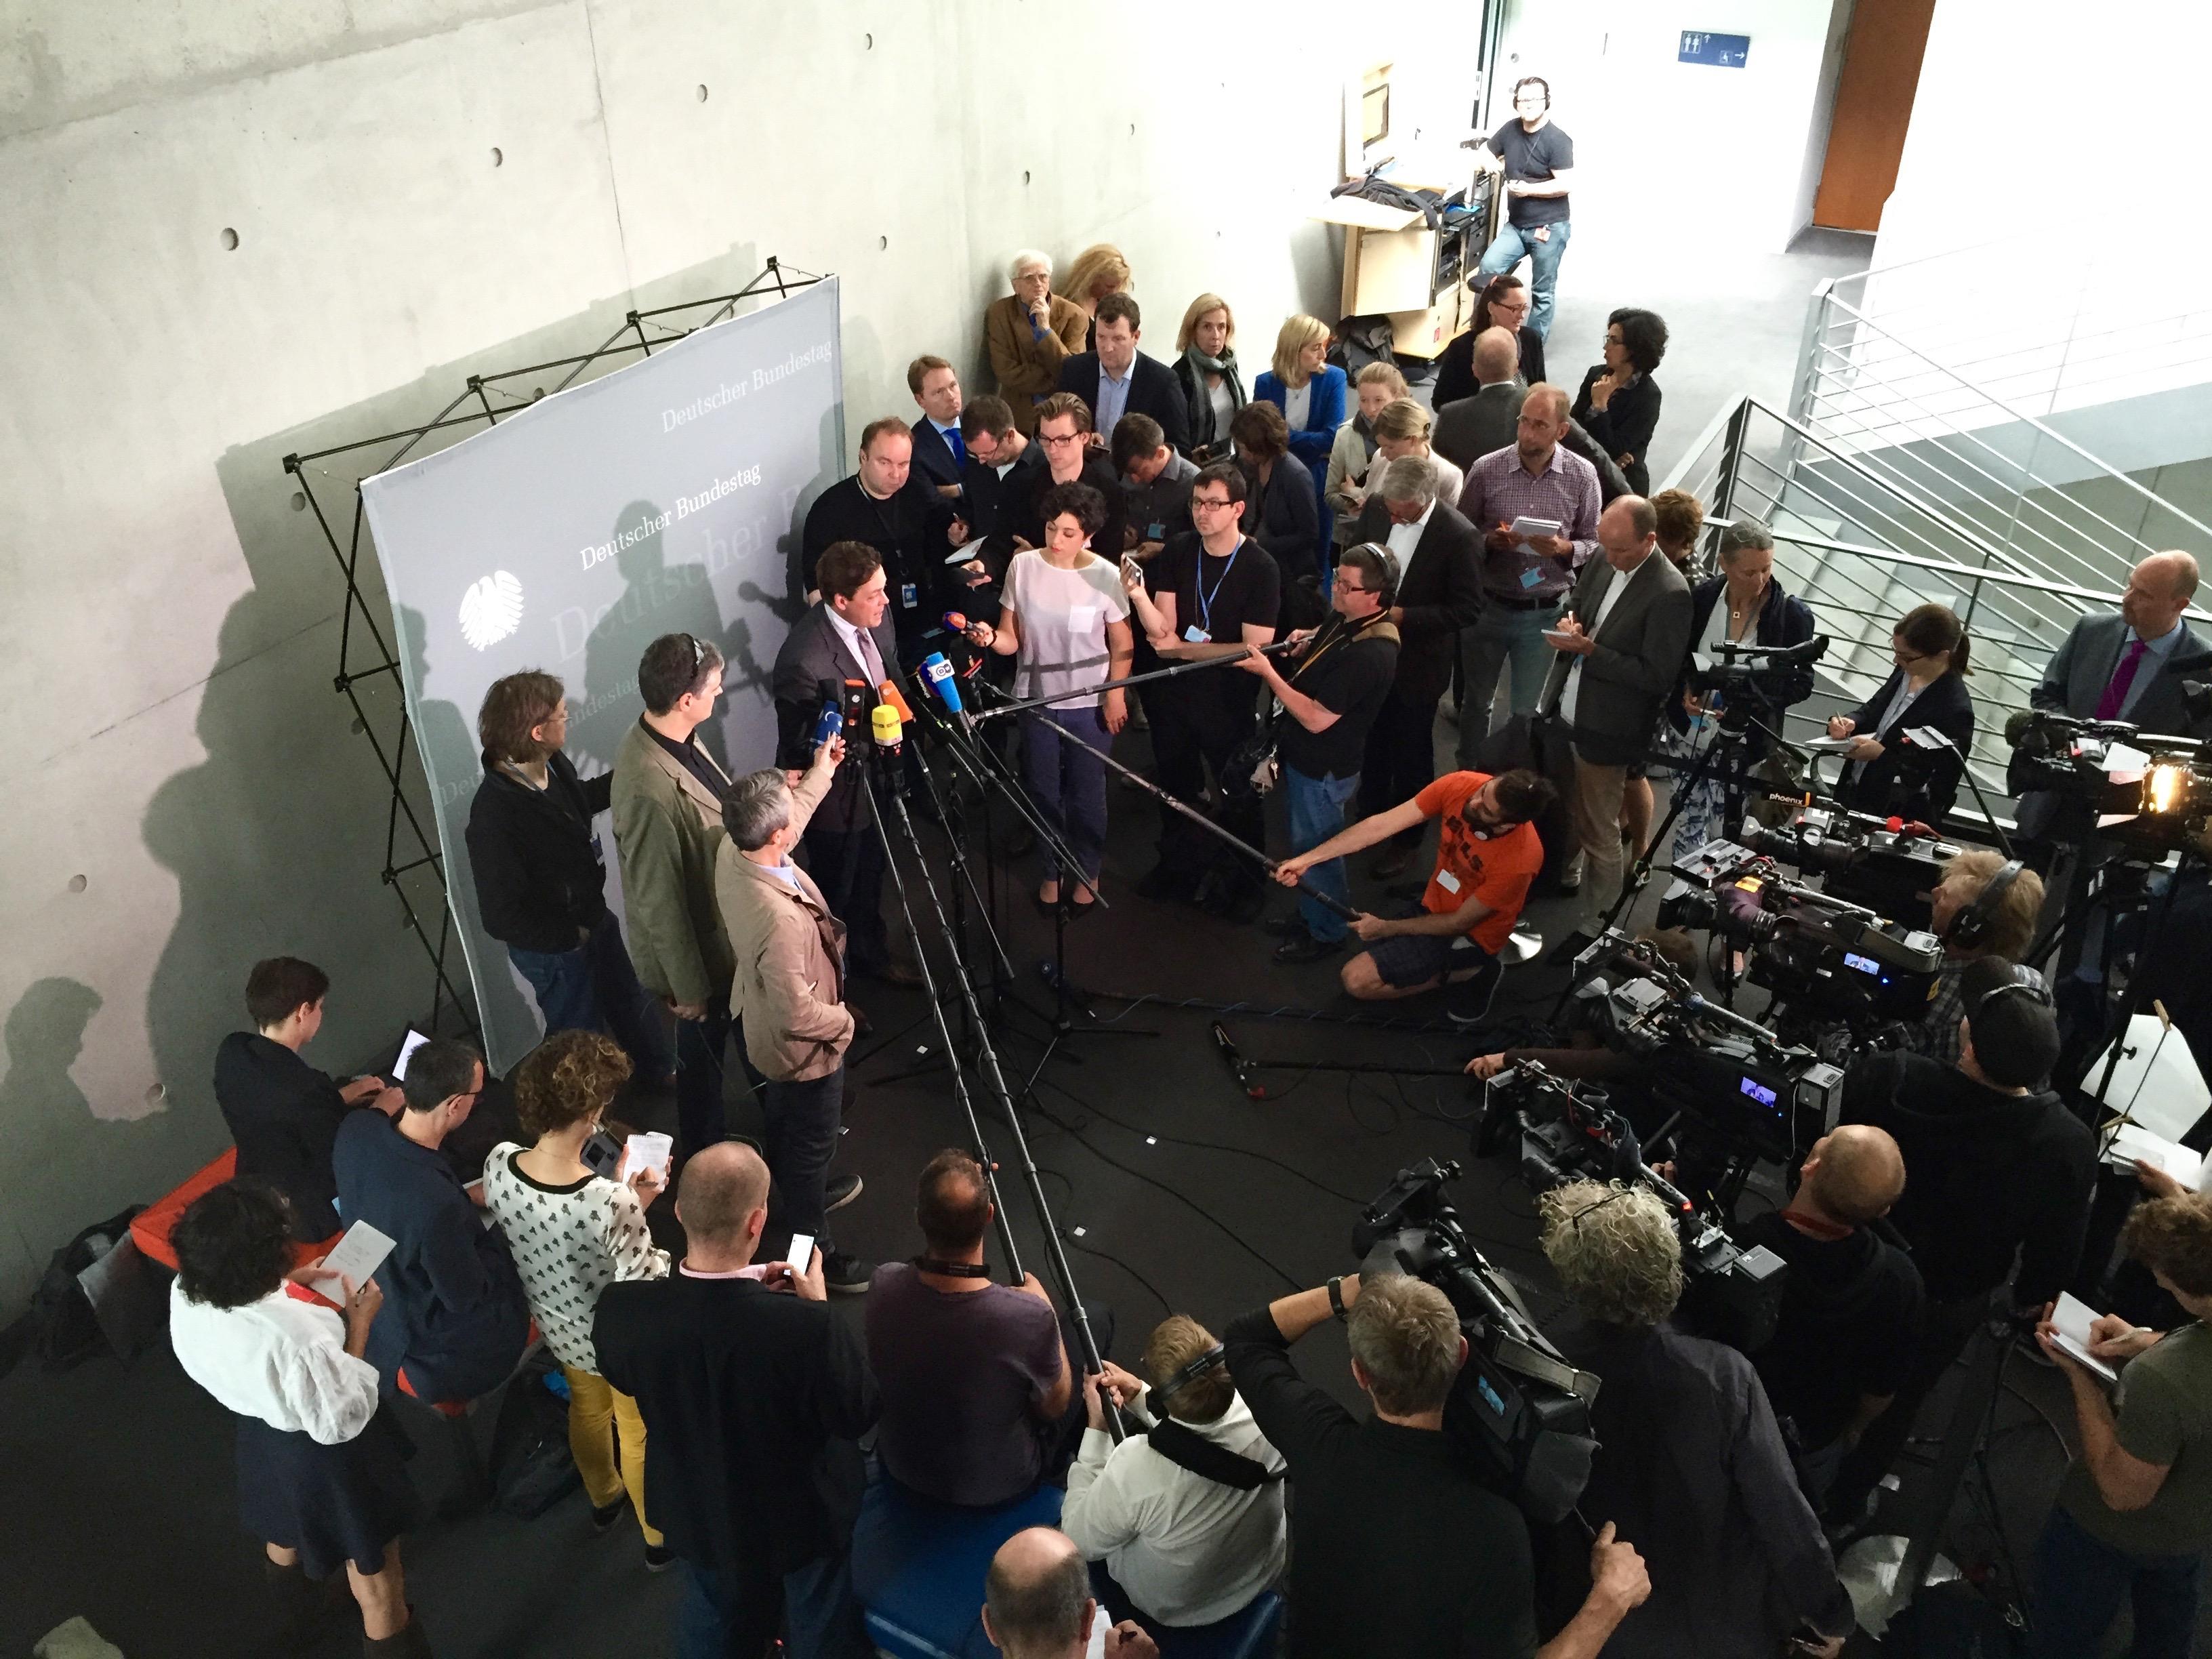 Konstantin von Notz ist umringt von Pressevertretern